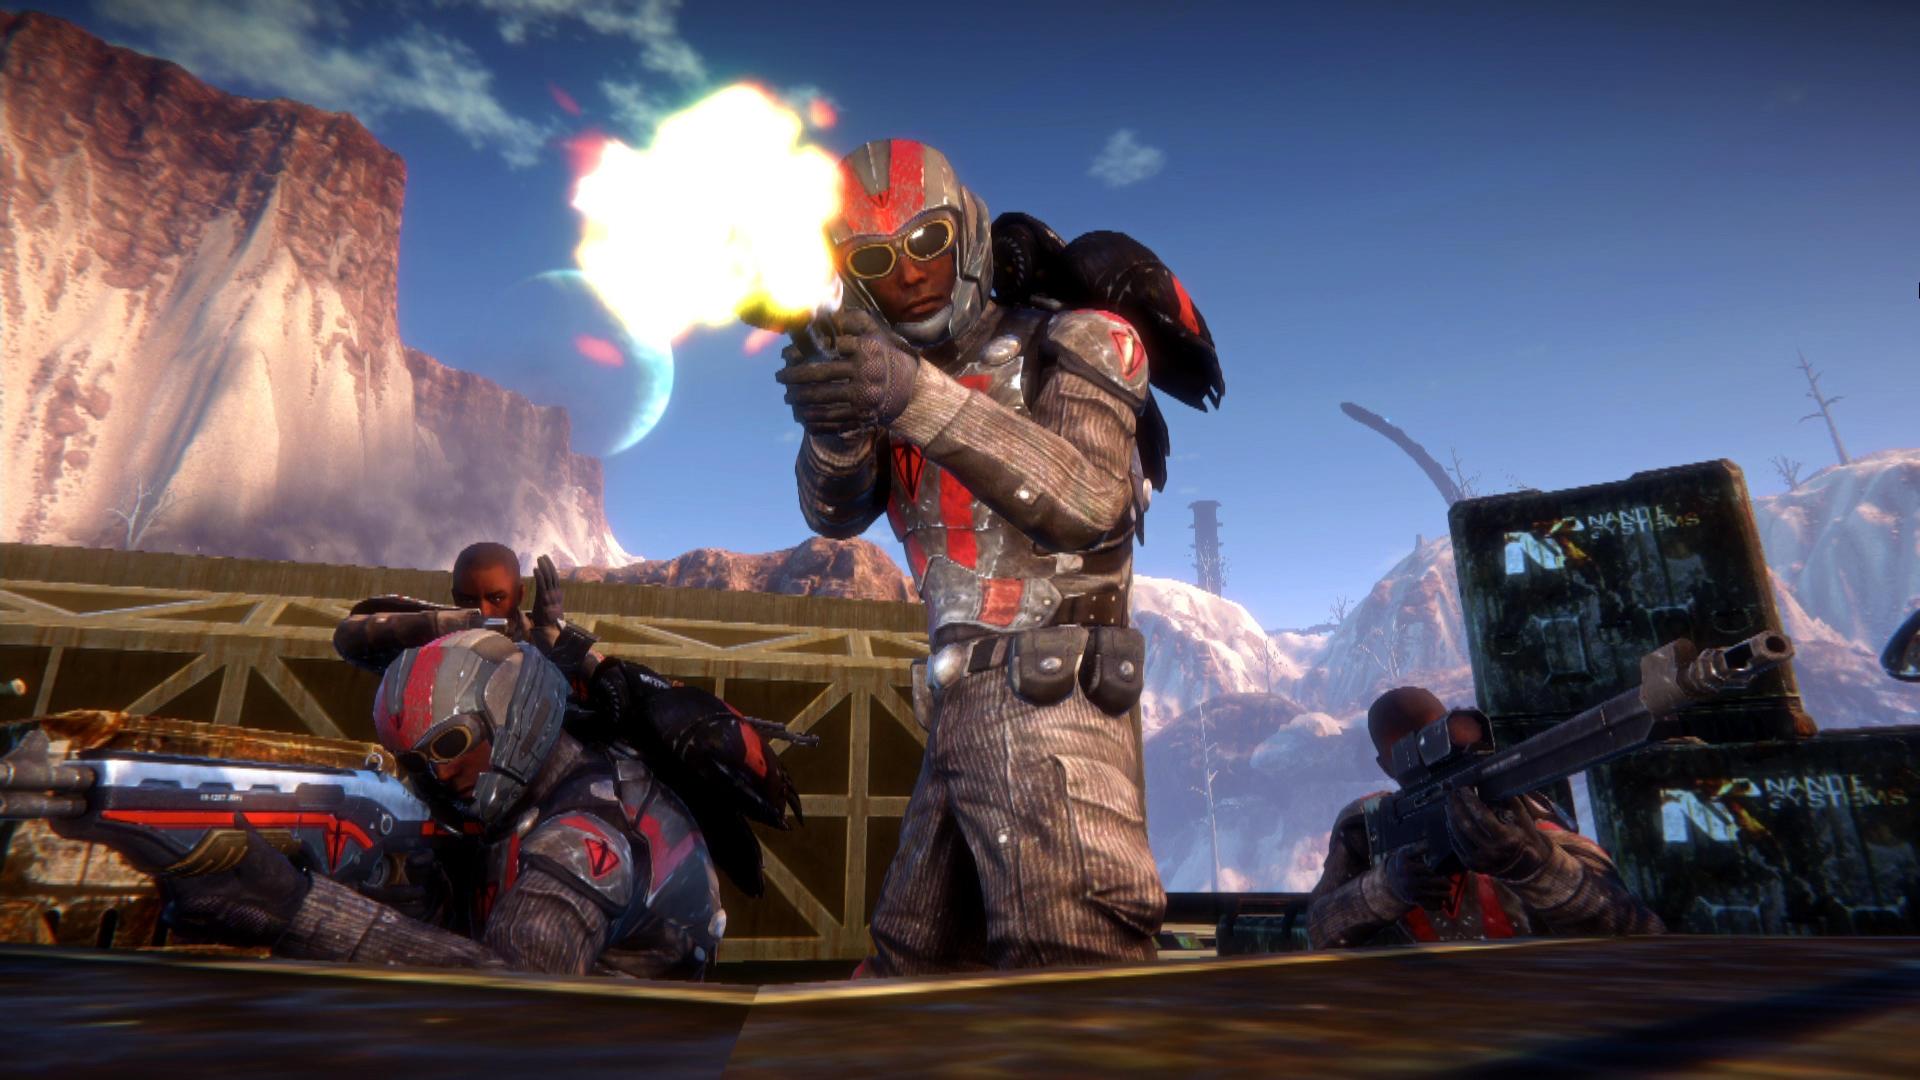 planetside-2-screenshot-2